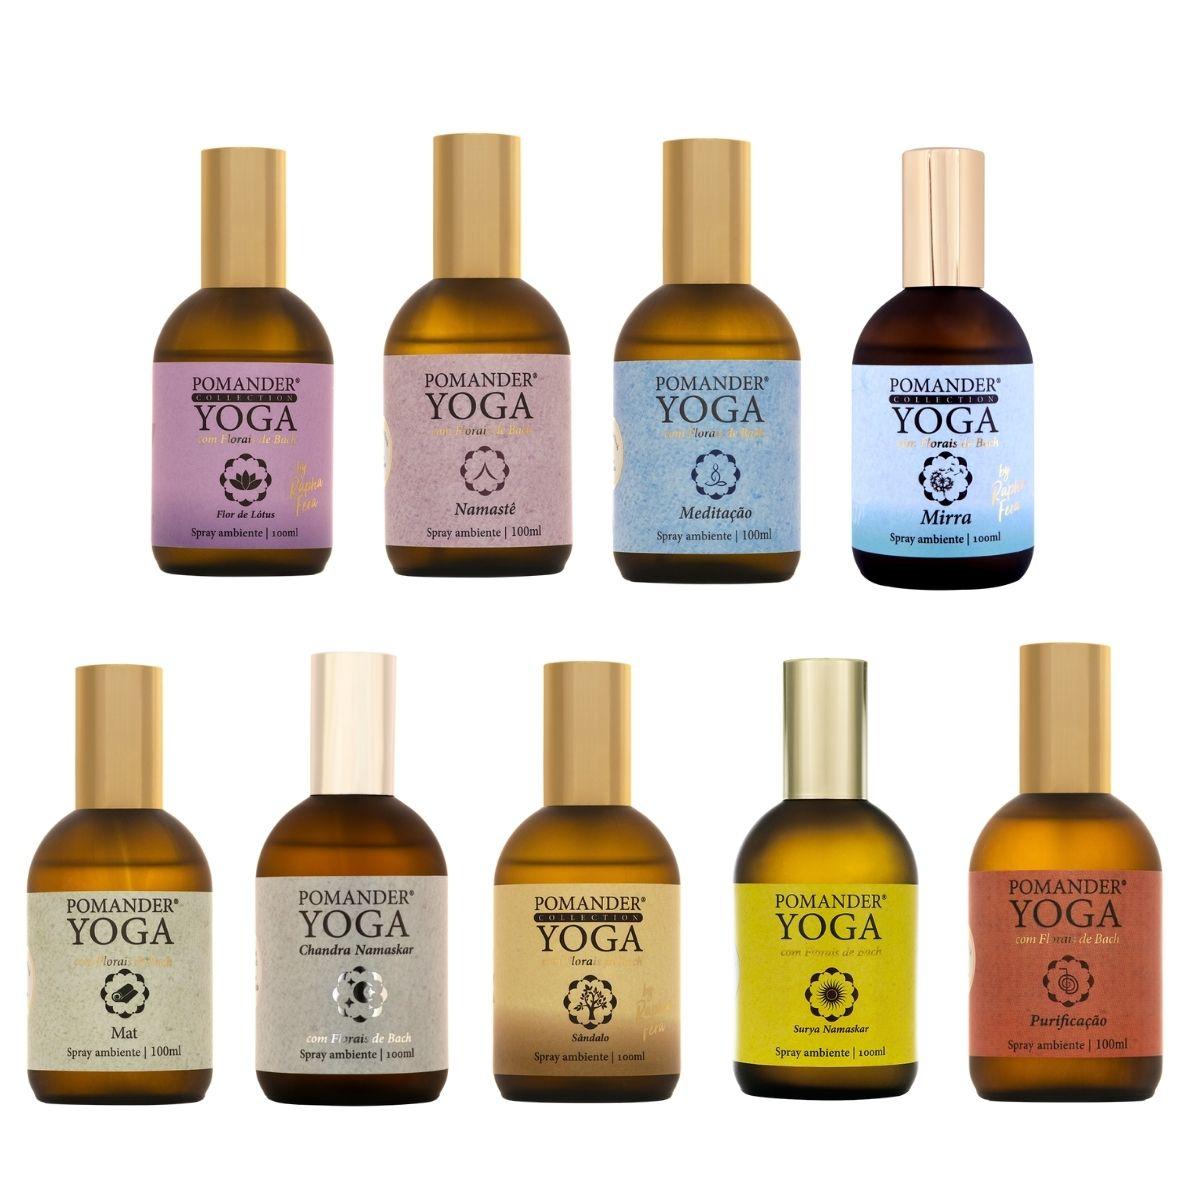 Pomander Yoga 100 ml - 9 Tipos - Aromaterapia